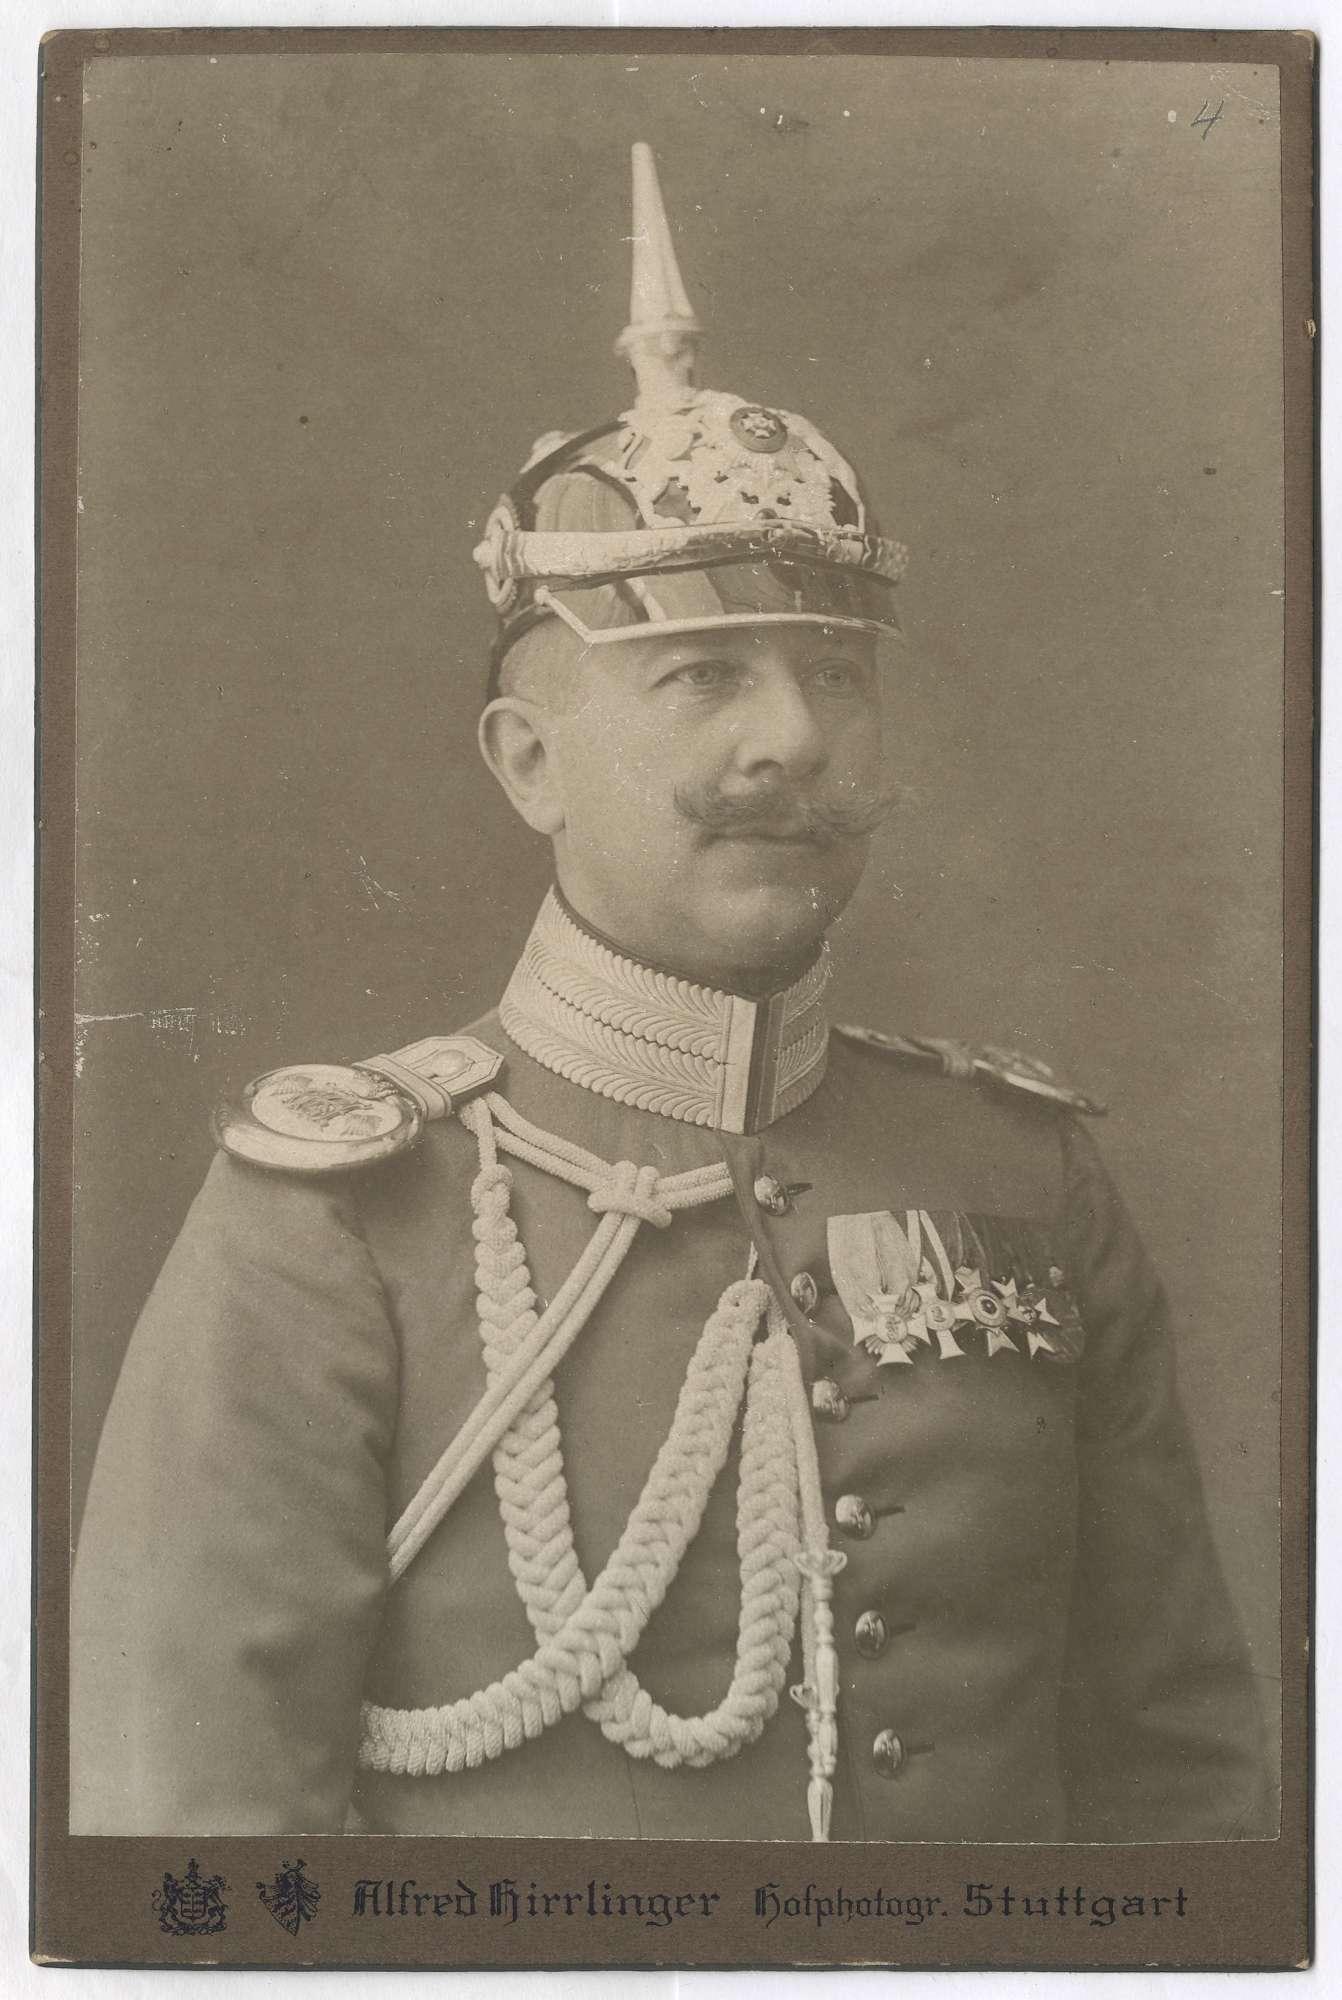 Reischach, August von, Graf, Bild 3